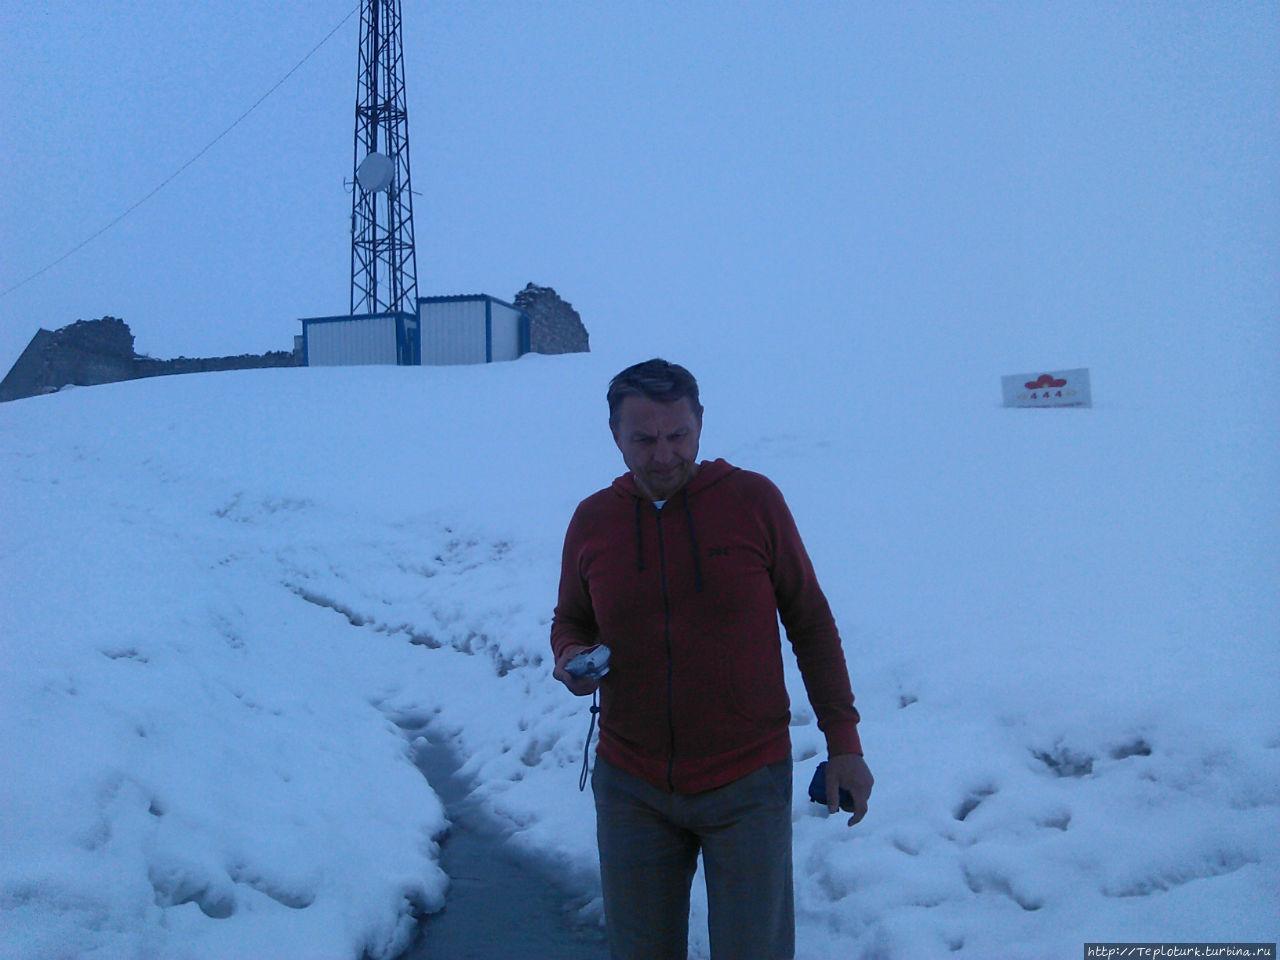 Давно не трогал снег. Алания, Турция